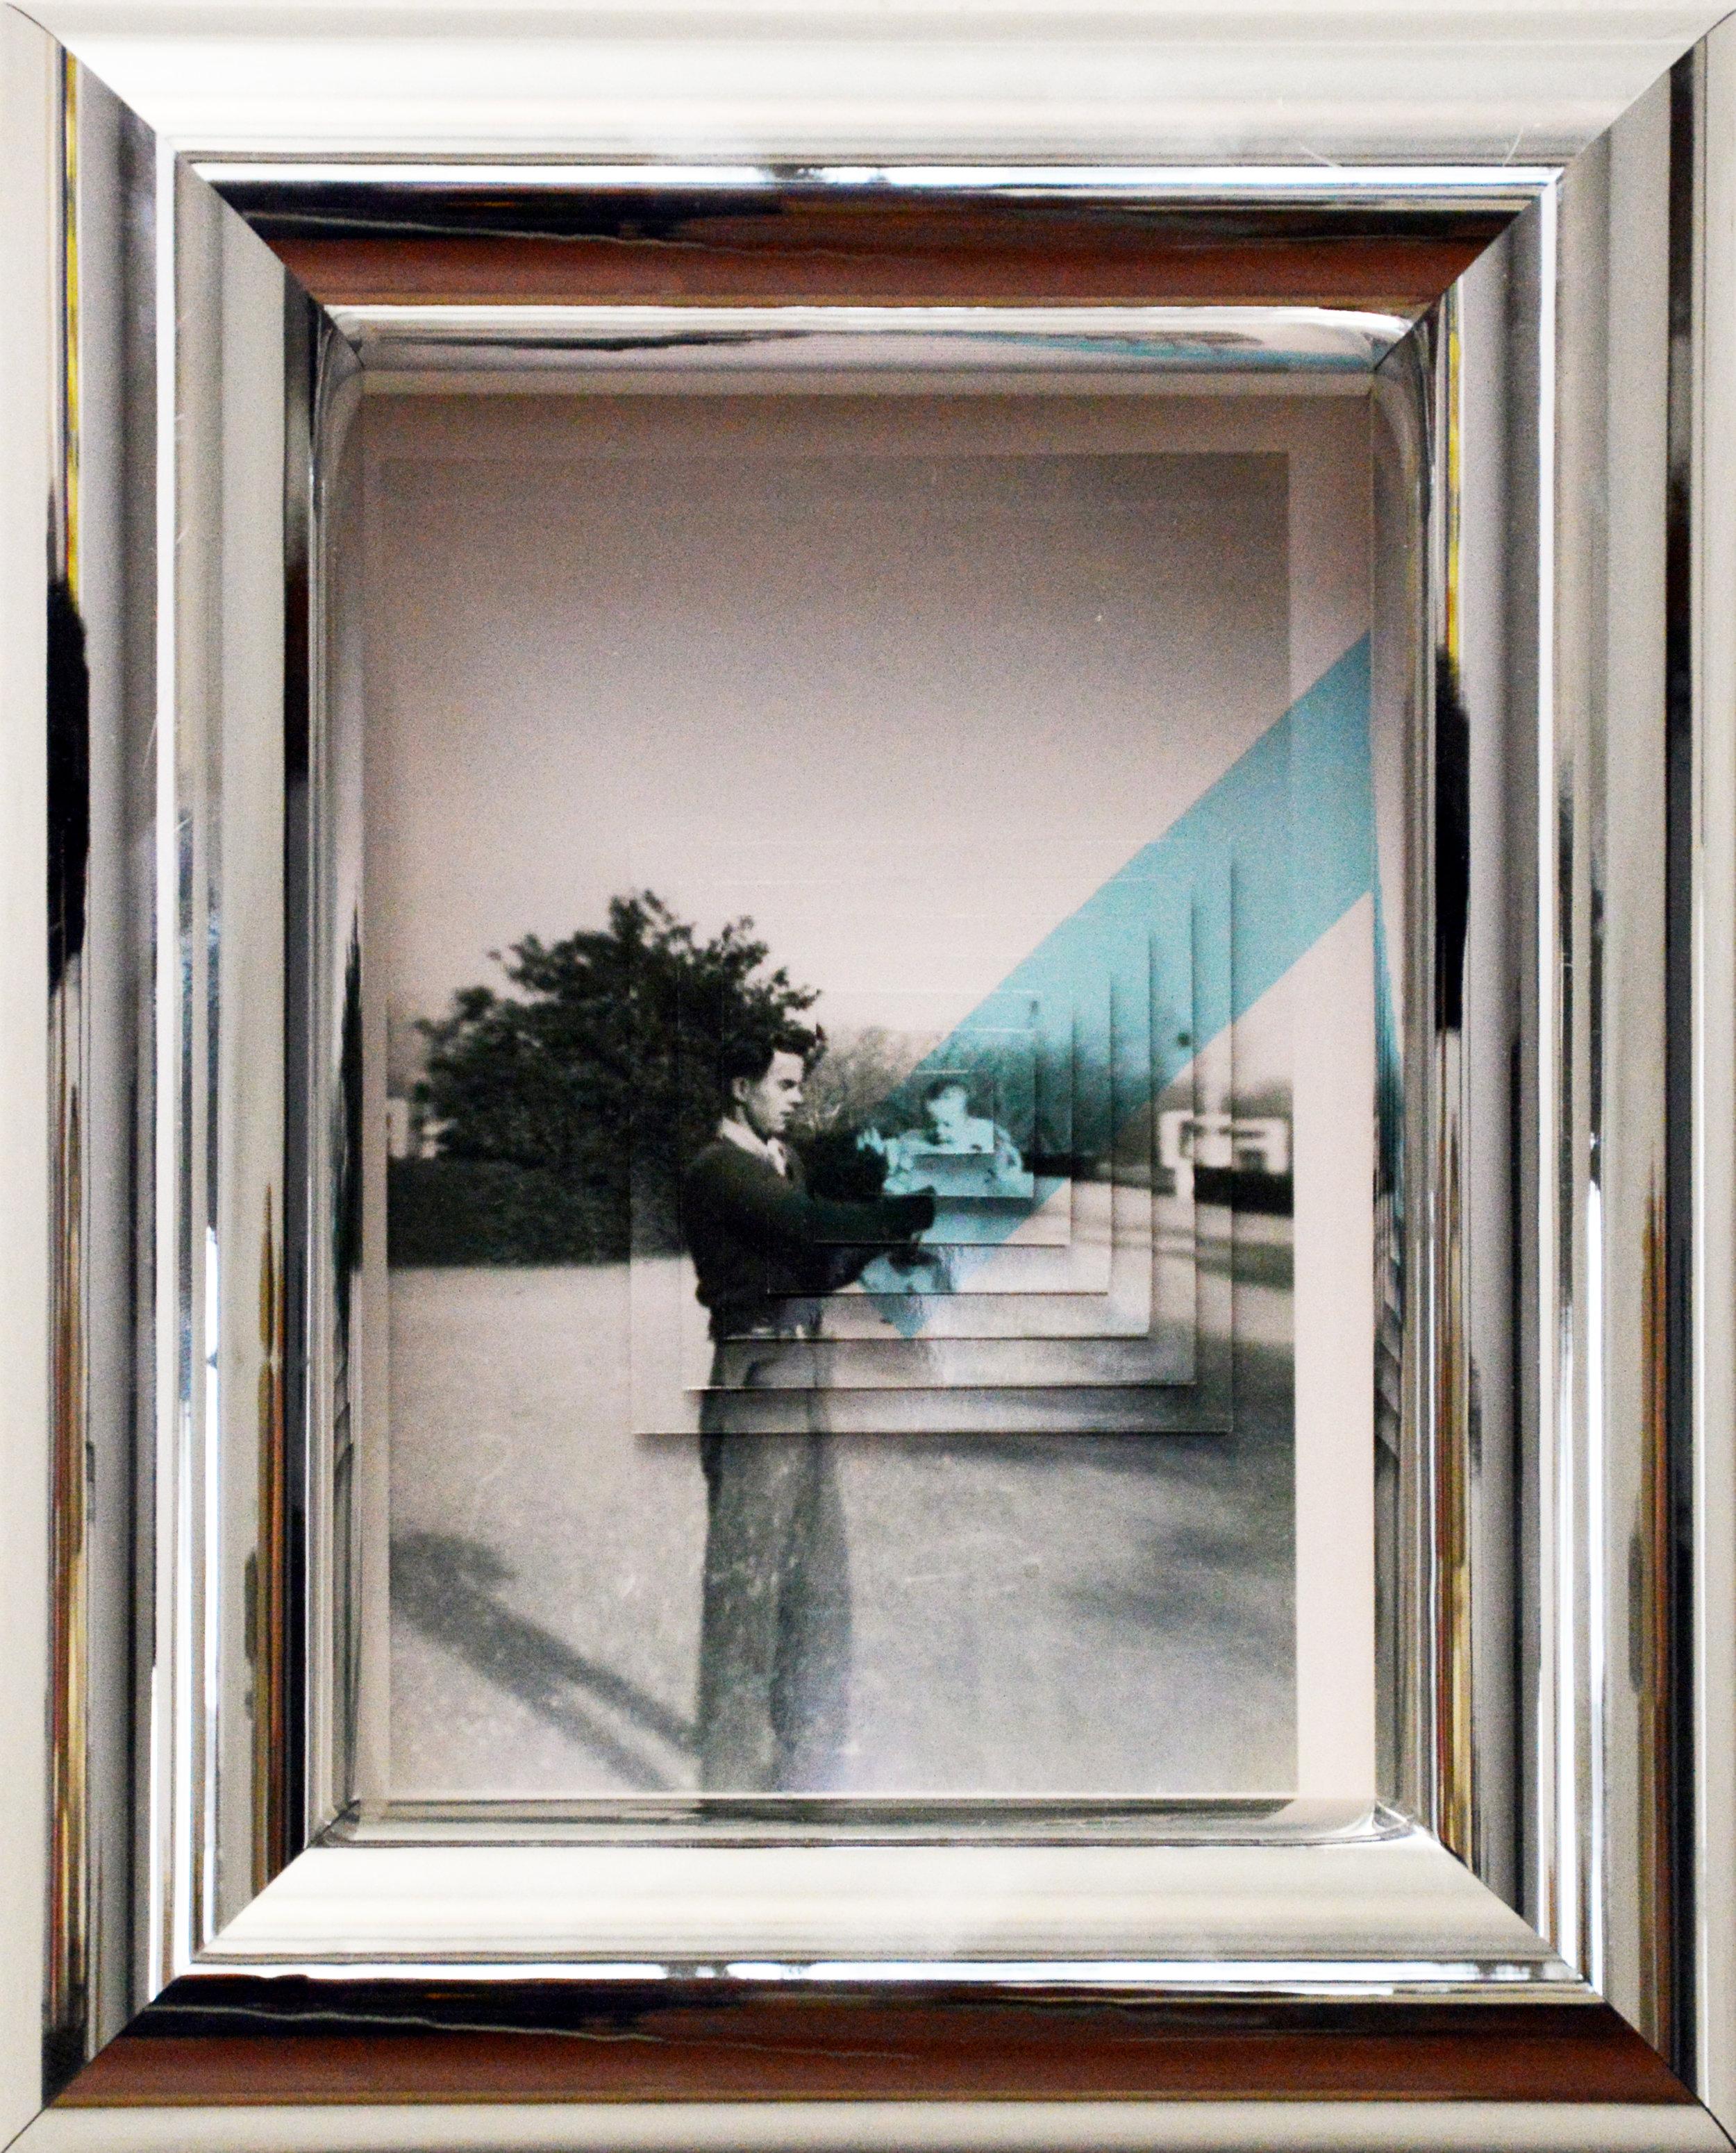 15. Galleria-l'Affiche_Alfred-Drago-Rens_Alieni-dallo-spazio_2014_24,5x19,5cm.JPG